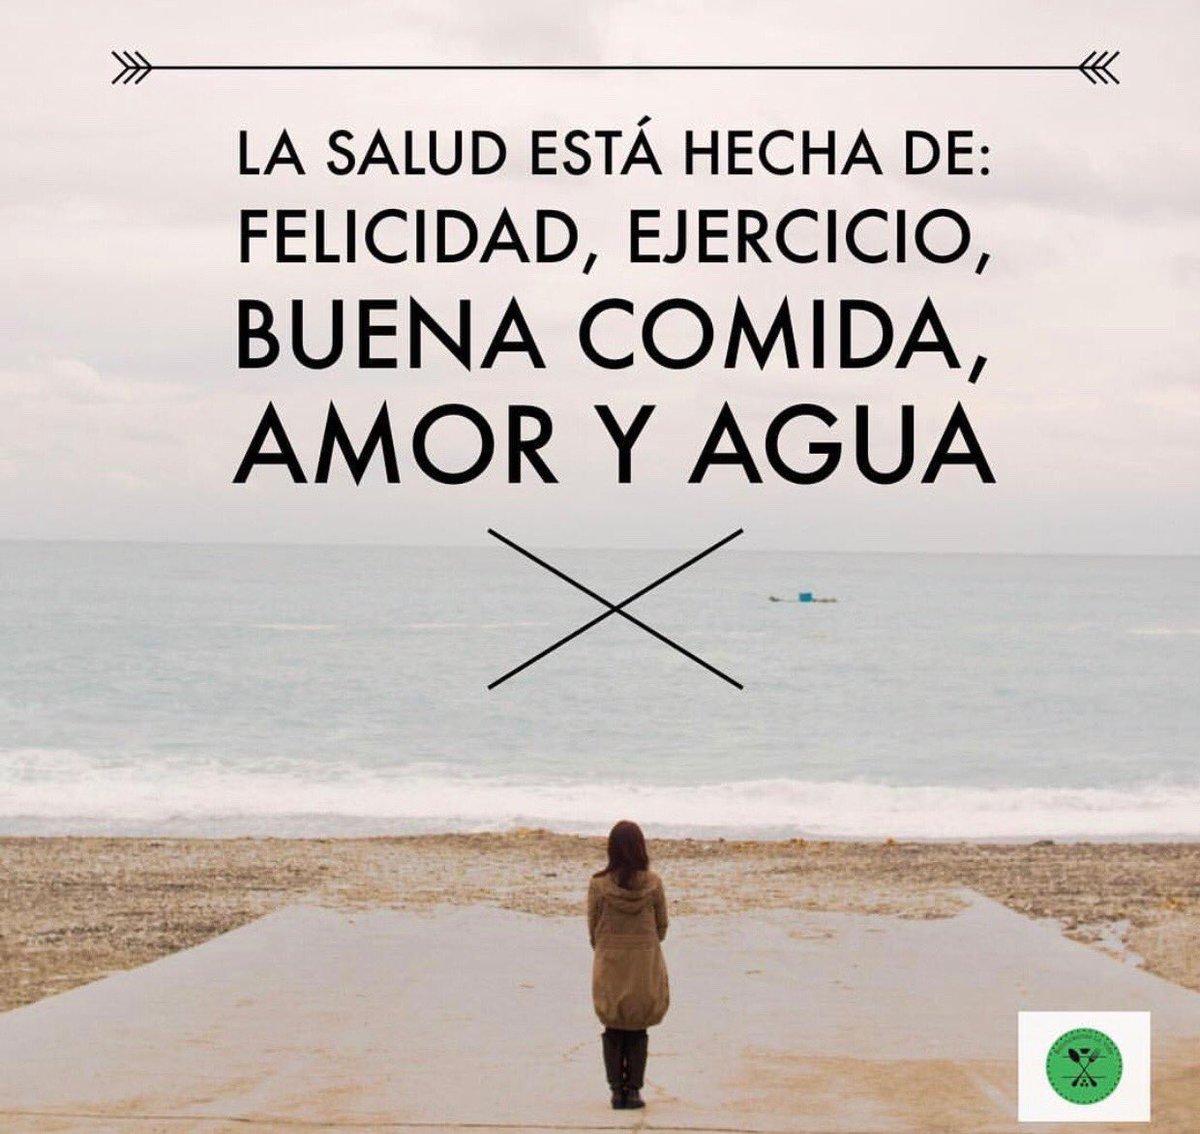 #salud #Felicidad #ejercicio #buenacomida #amor #Agua